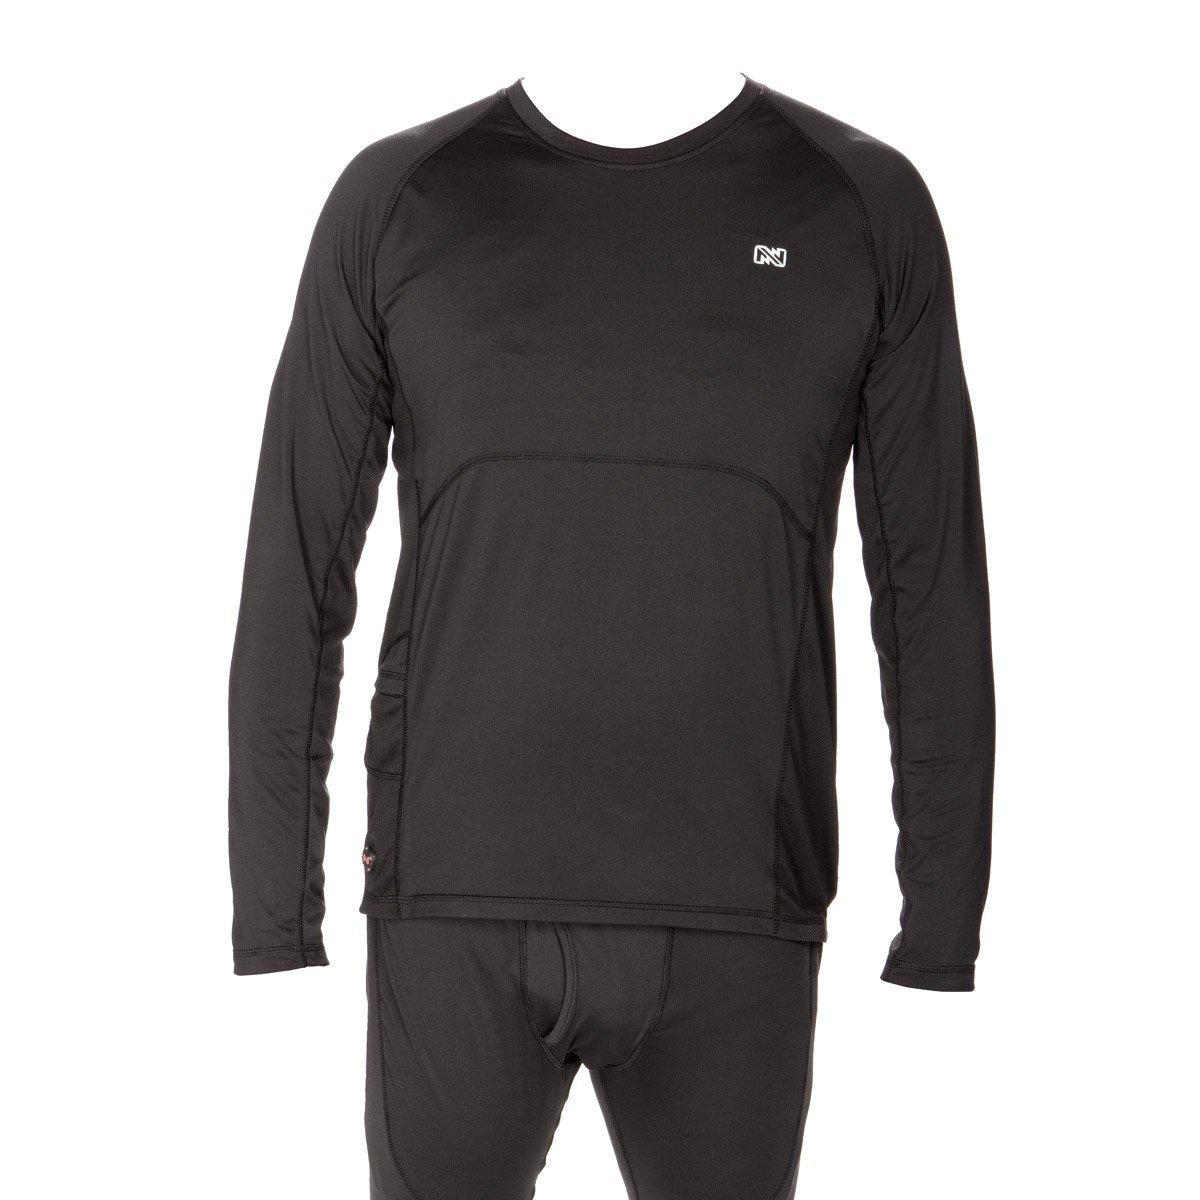 Mobile Warming Unisex-Adult Longman Heated 7.4v Shirt Black, Large